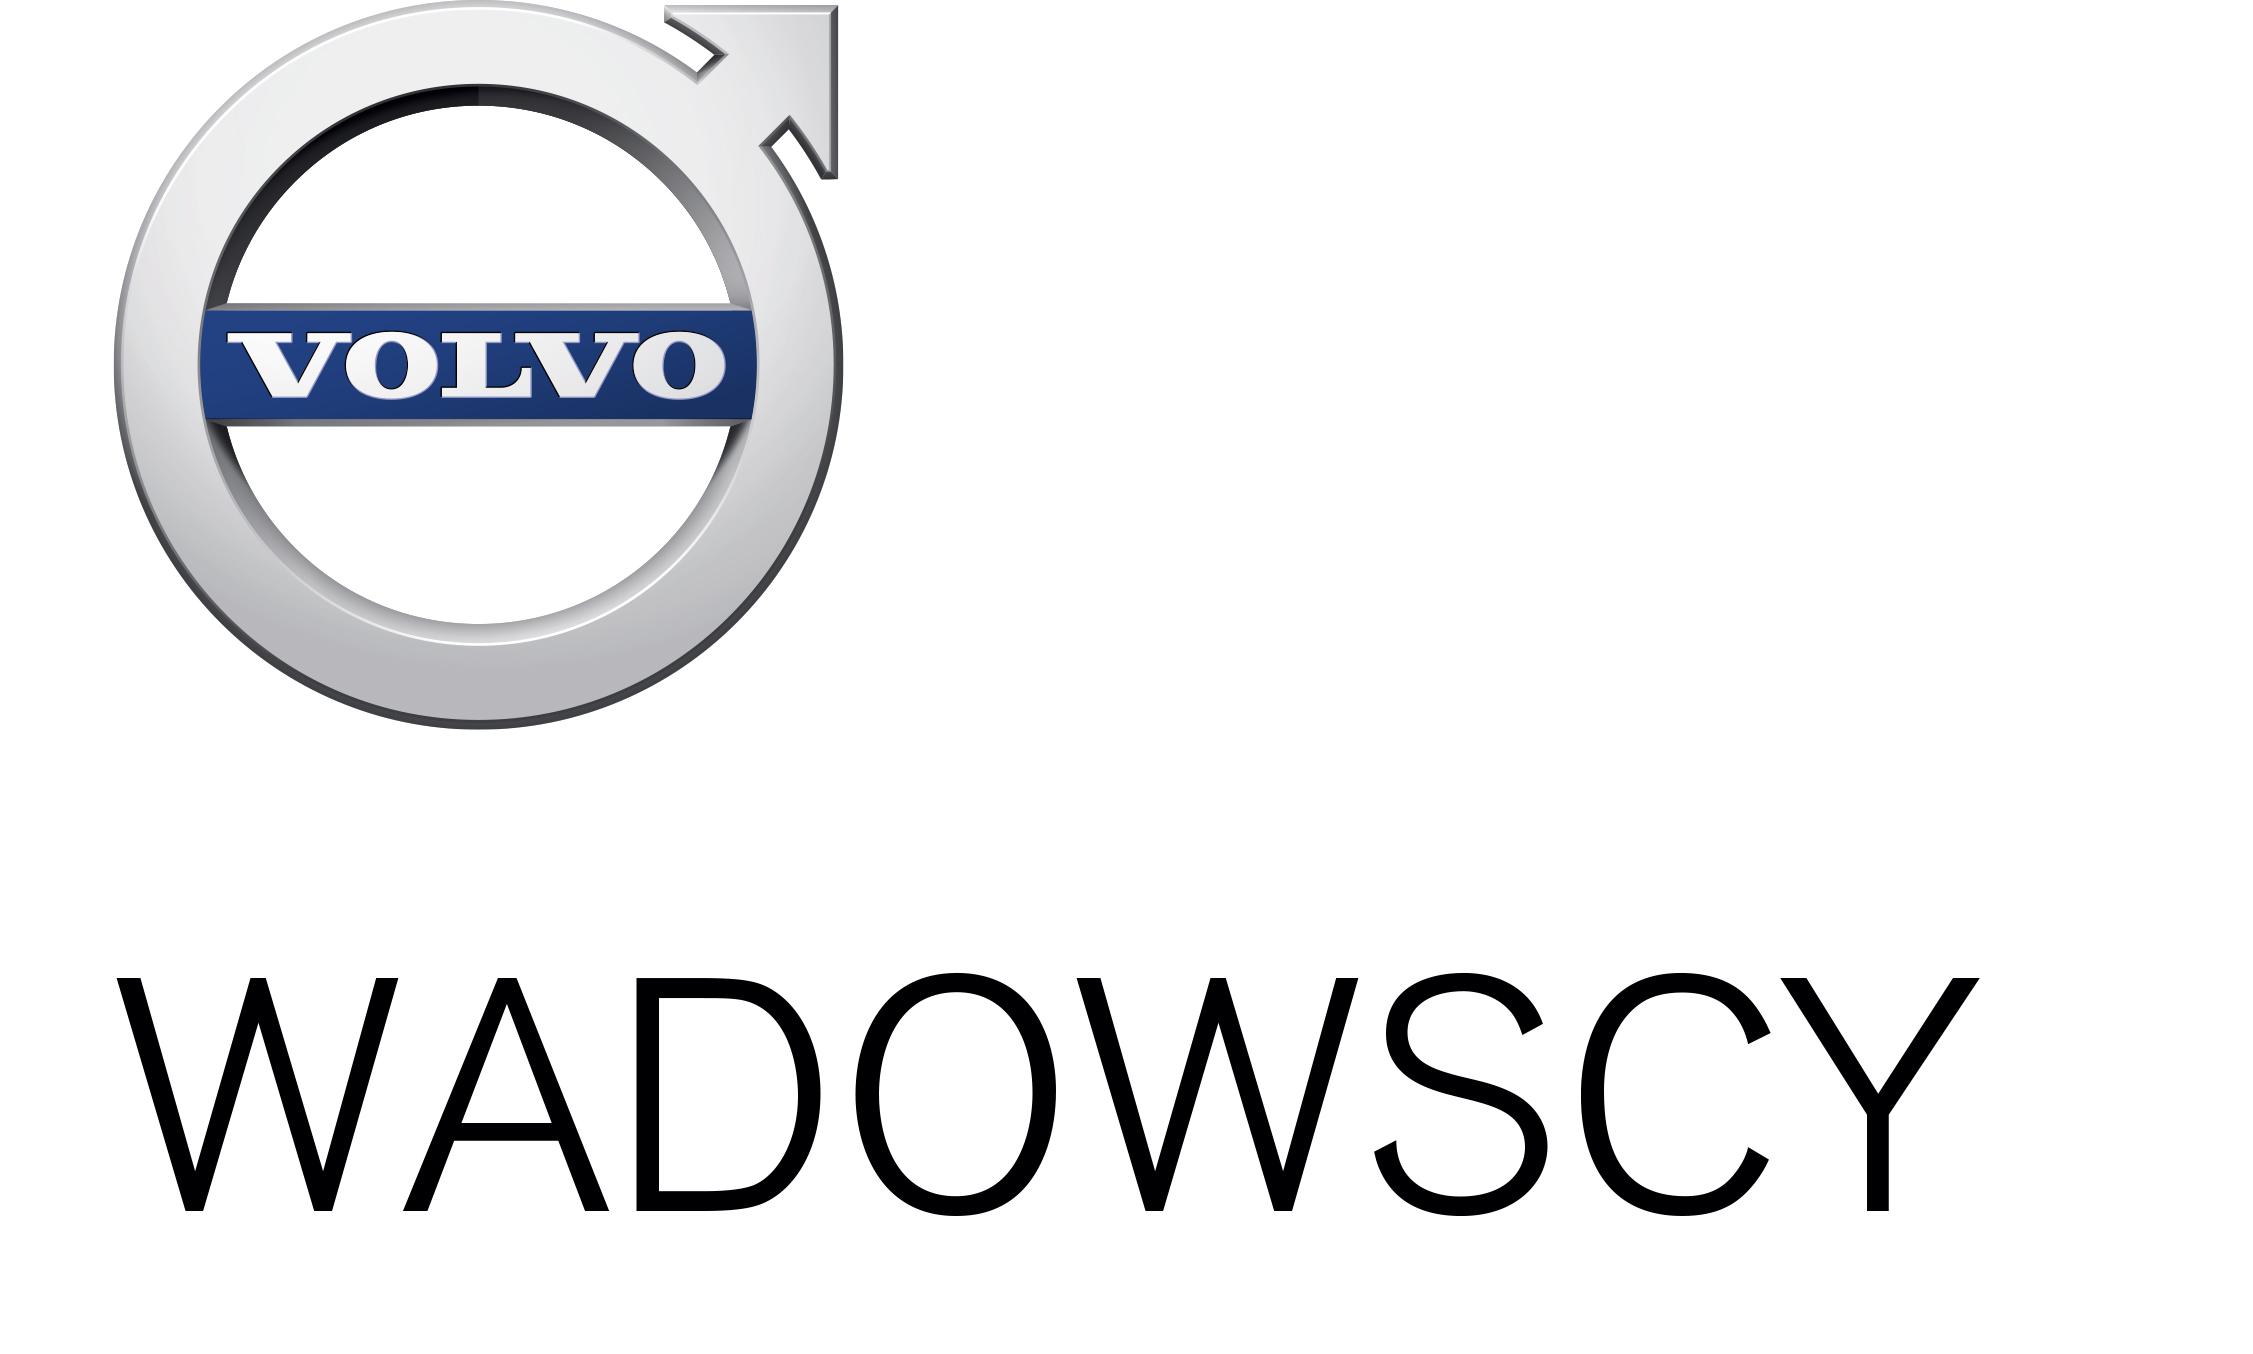 VOLVO – Wadowscy Sp. z o.o.